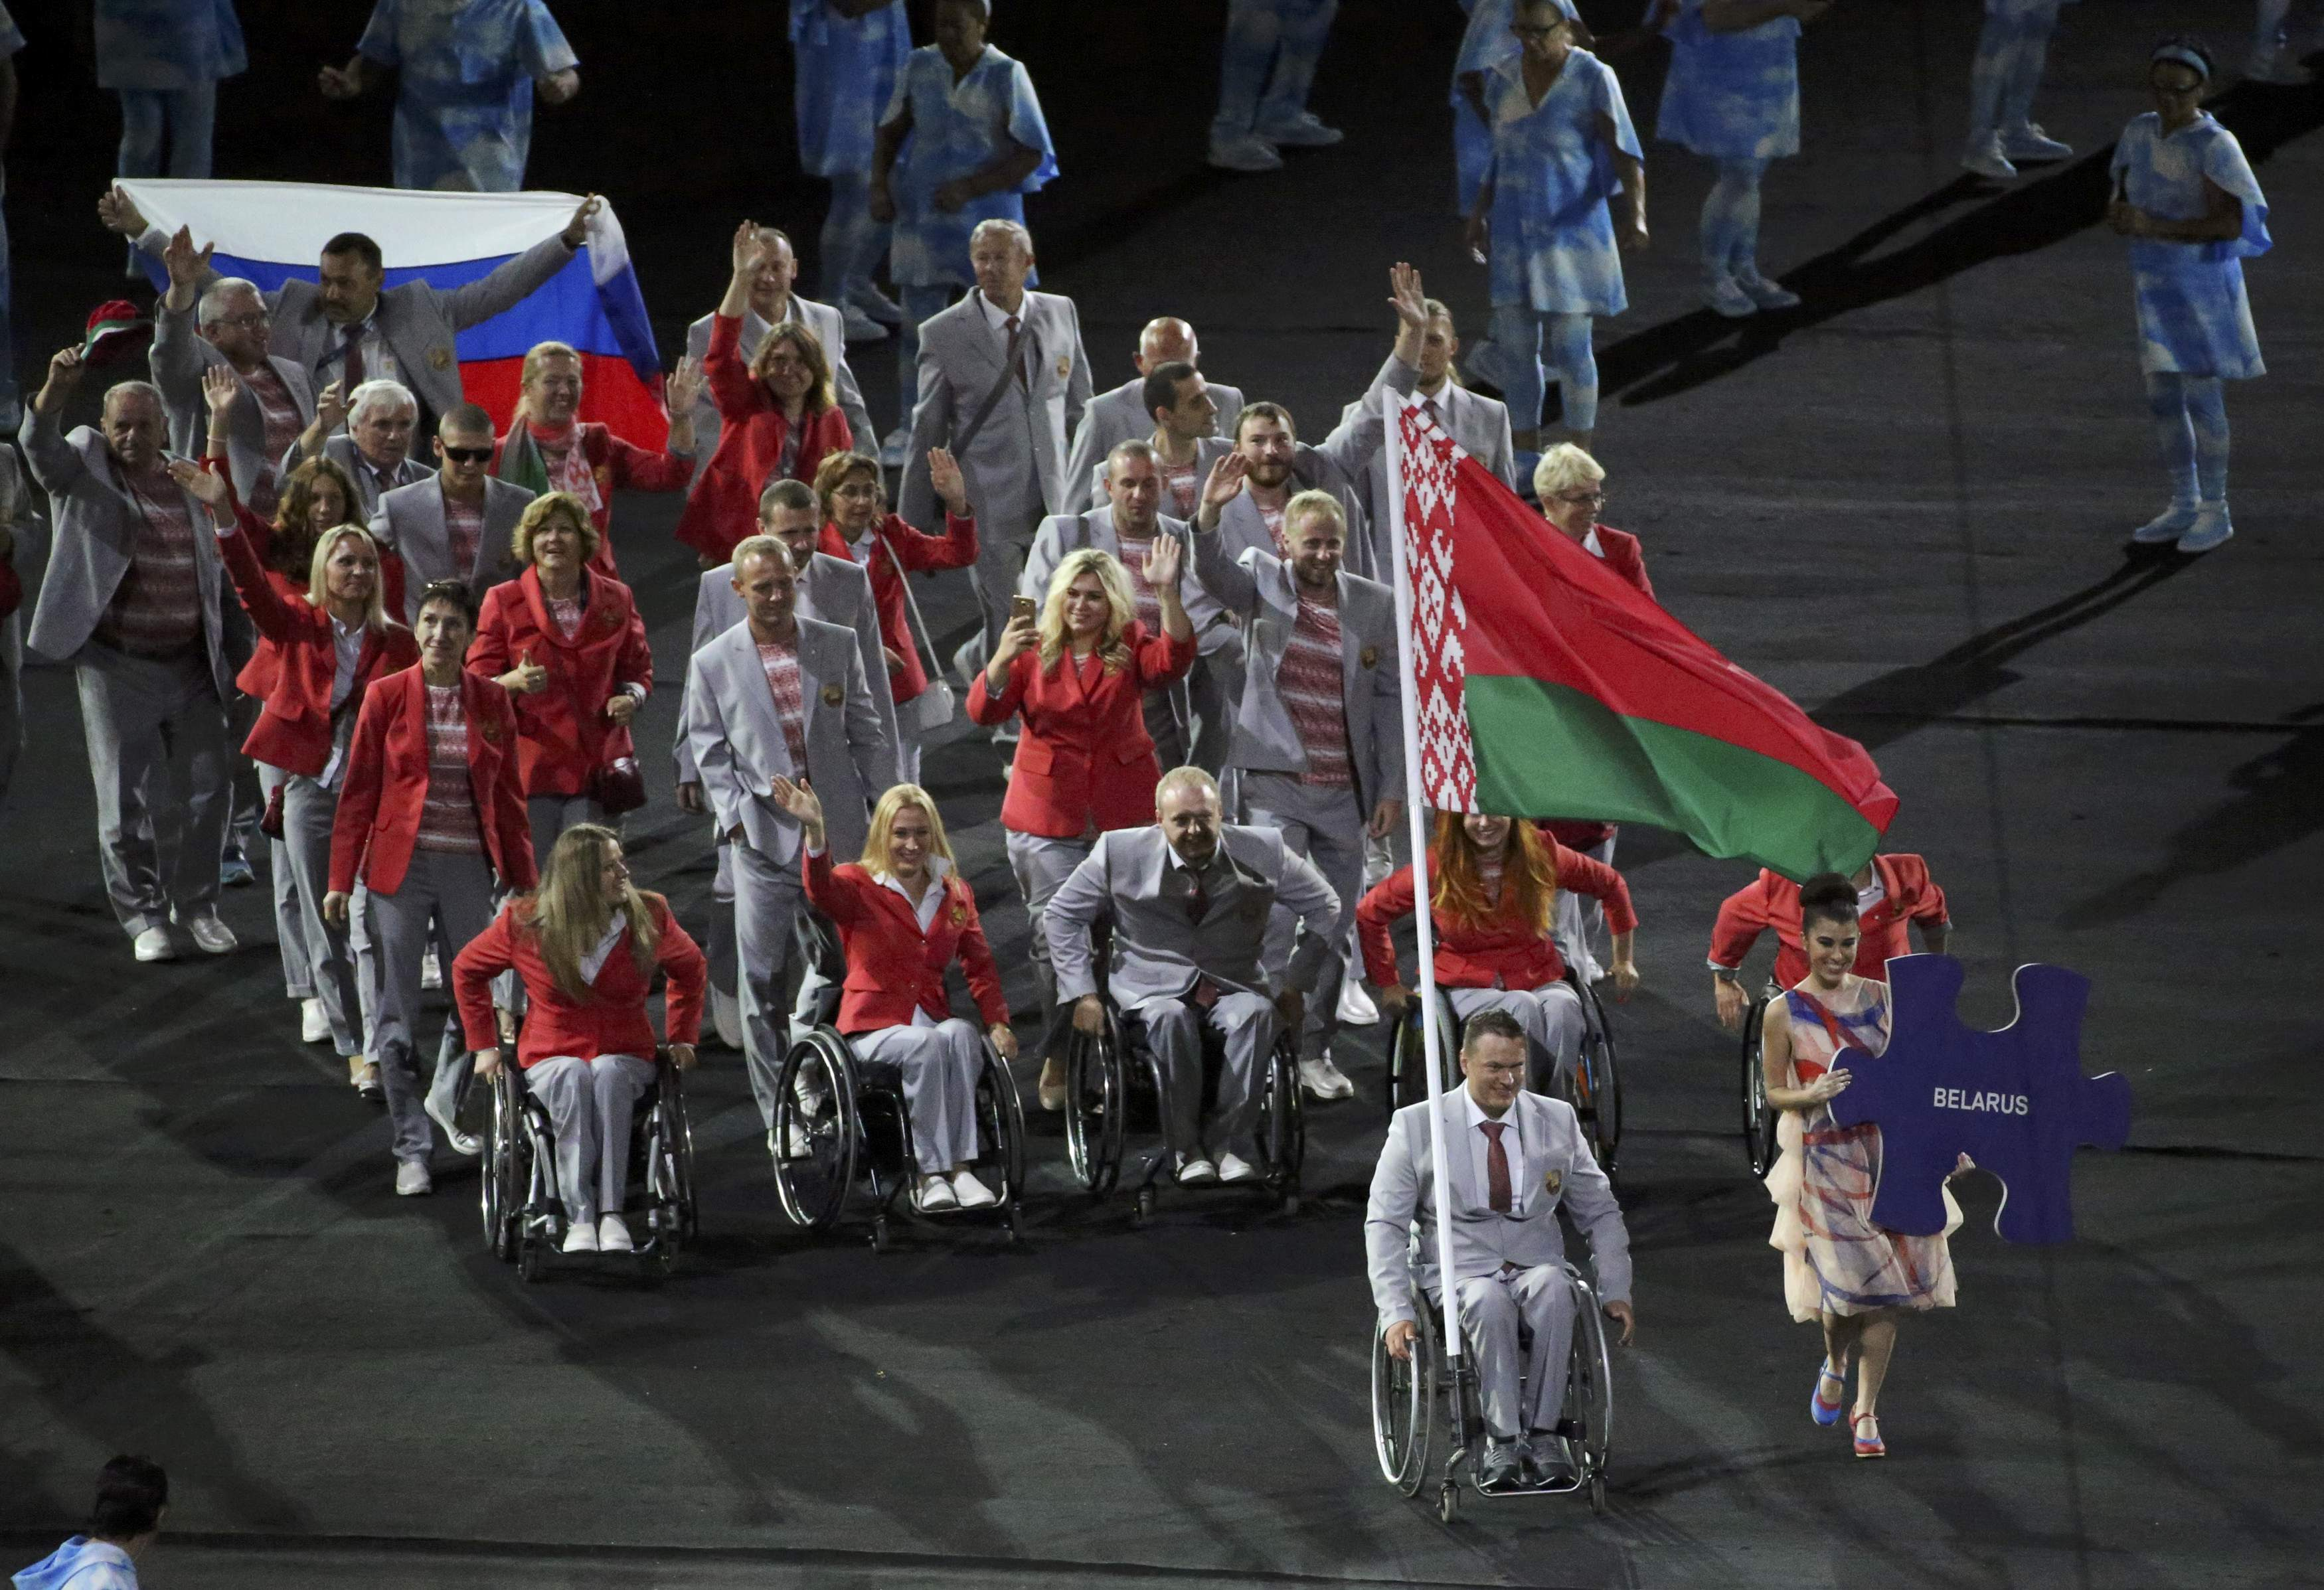 белорусы с флагом россии на паралимпиаде фото невозможно